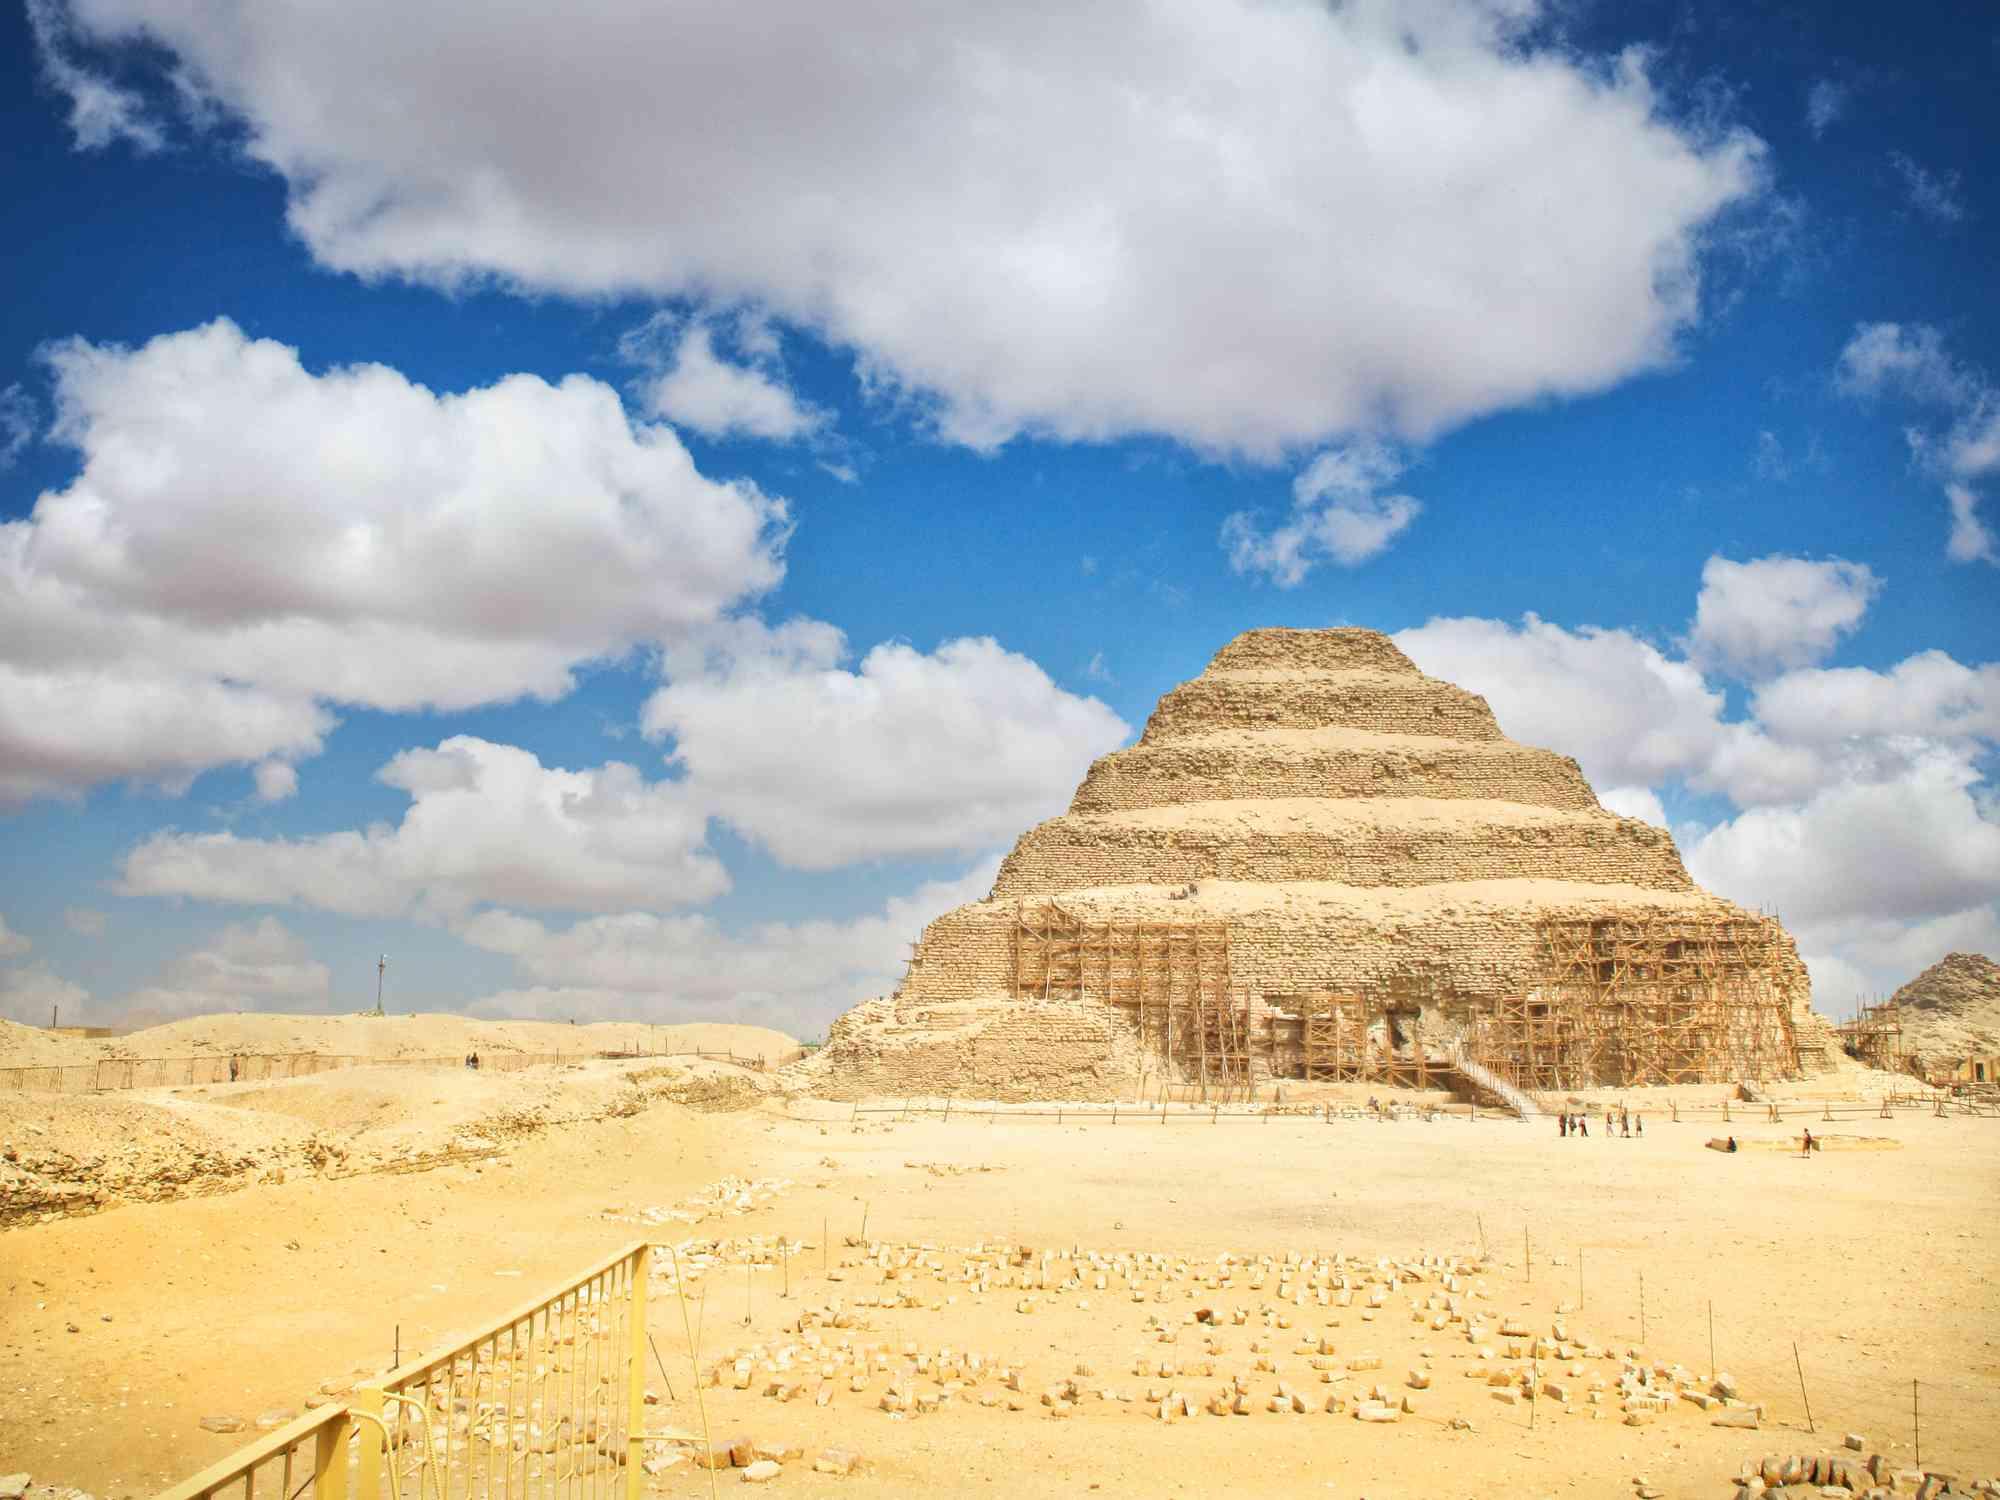 βήμα πυραμίδα στη Saqqara